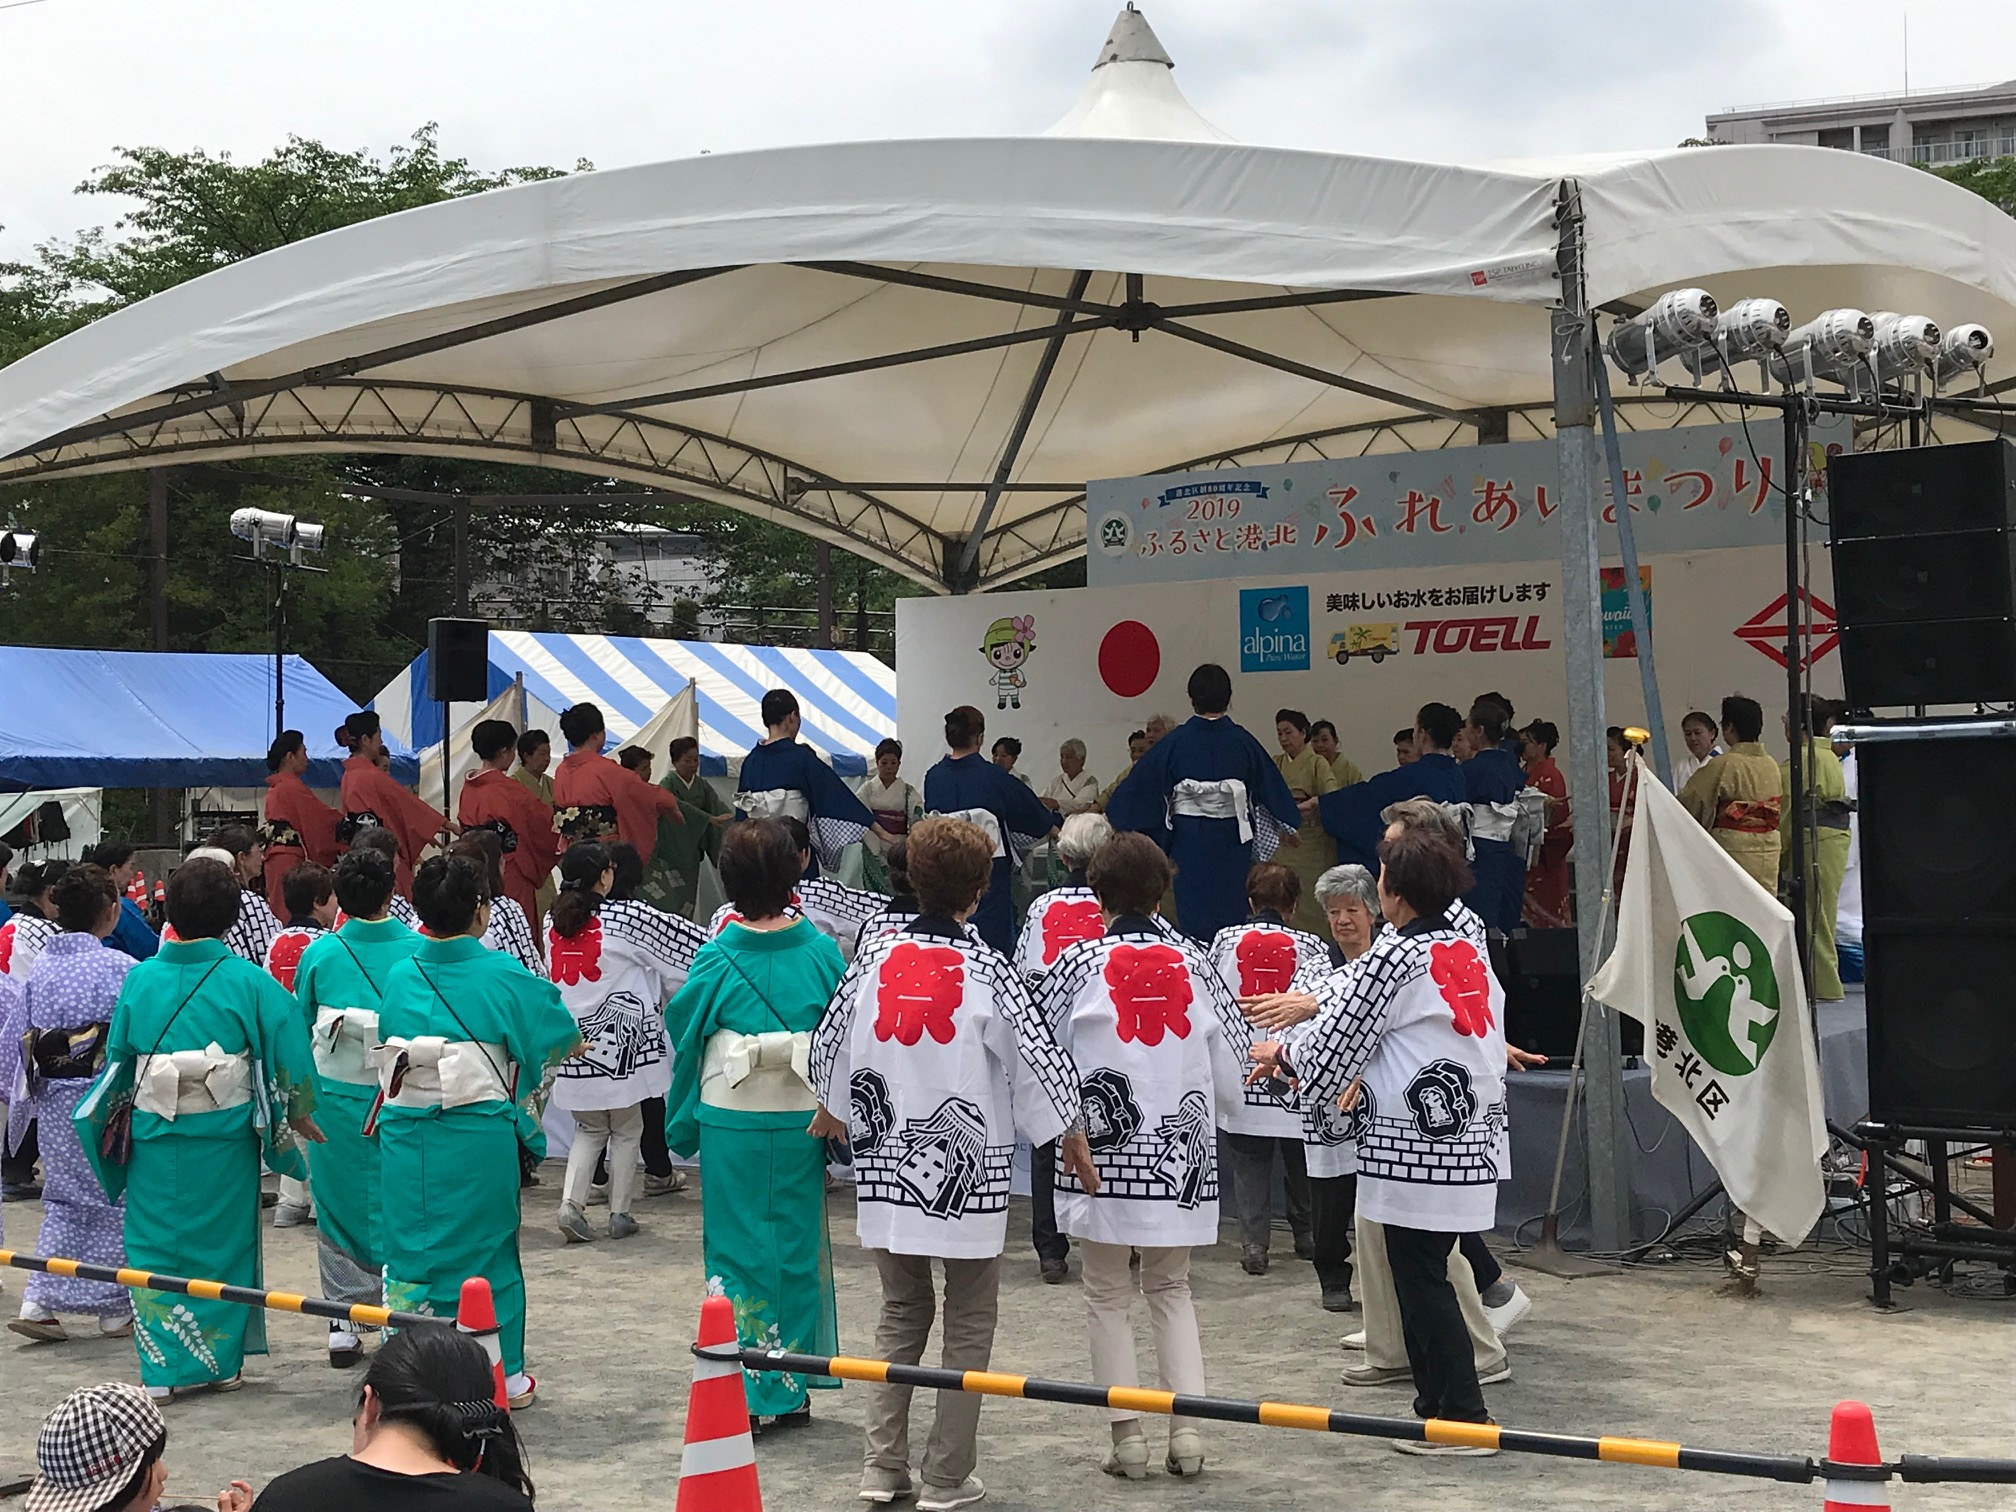 港北芸能協会の踊りが披露されました